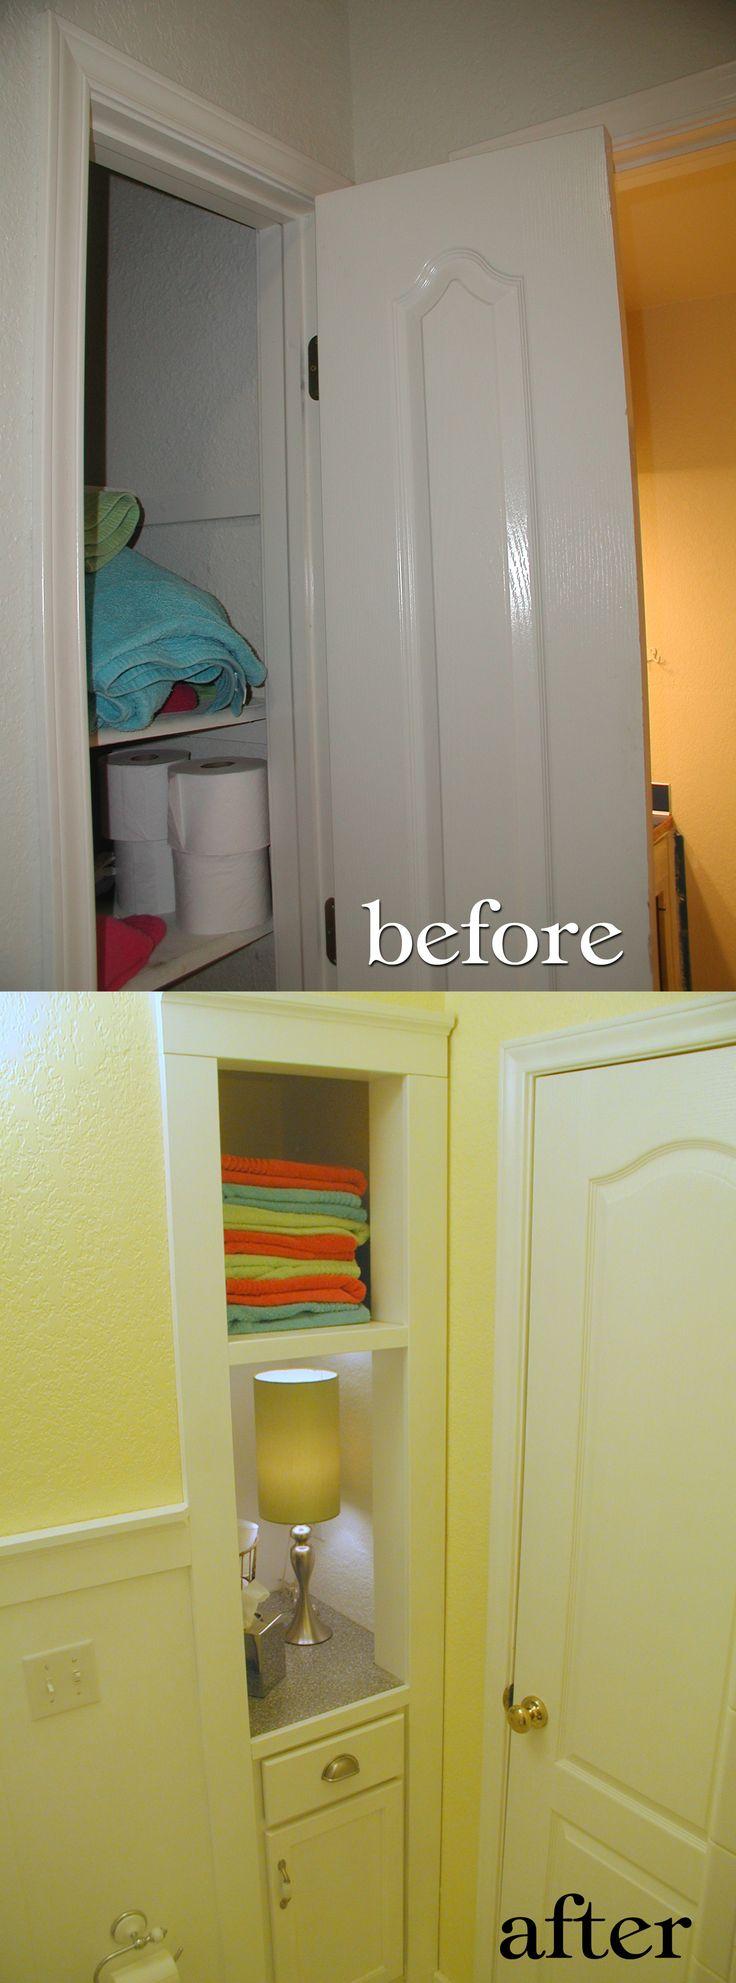 best 20 small linen closets ideas on pinterest bathroom closet narrow closet becomes open shelving small linen